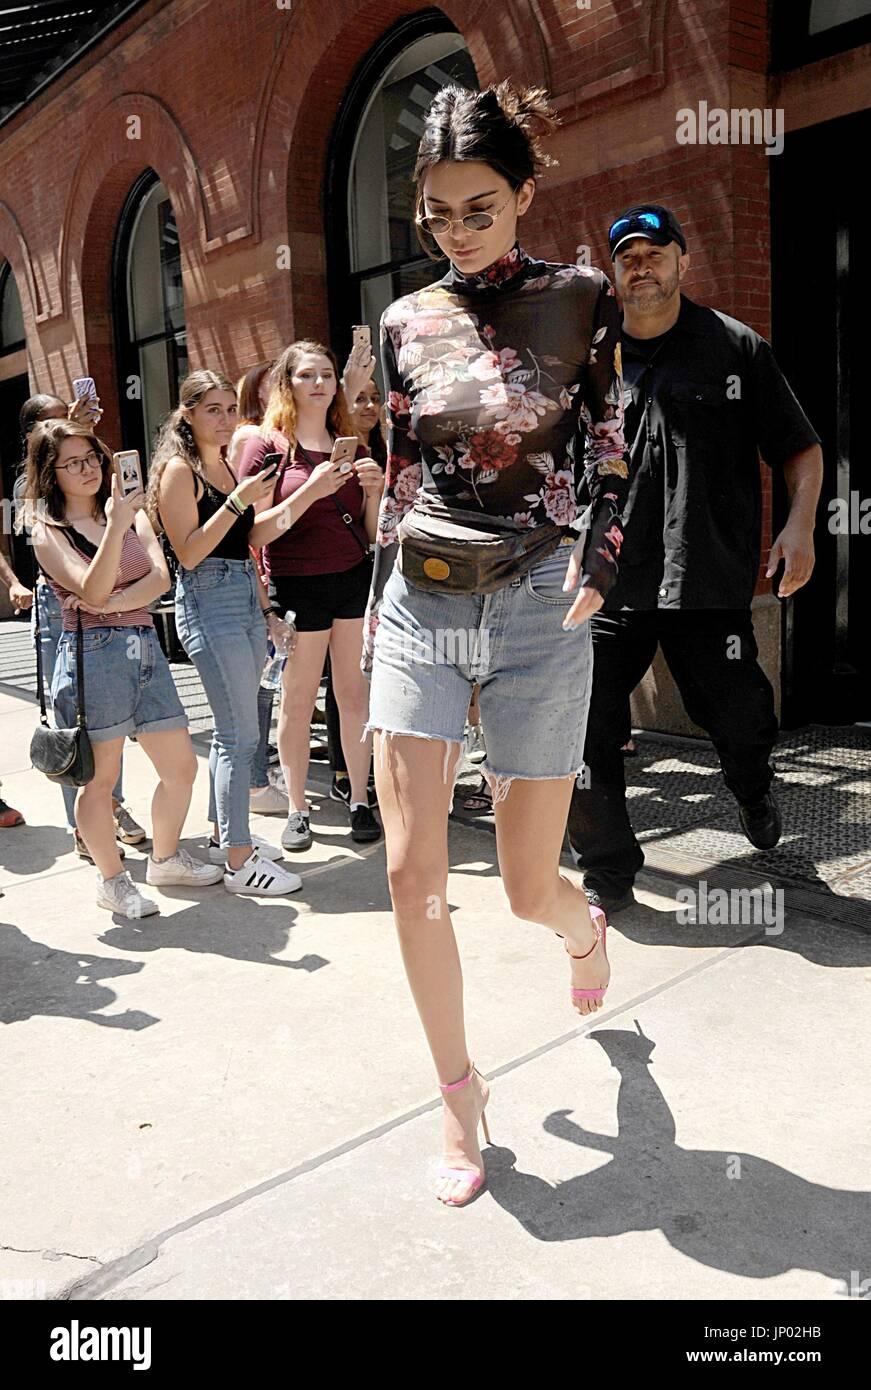 Nova Iorque, NY, EUA. 31 de Julho, 2017. Kendall Jenner e sobre Candids de celebridades - MON, Nova York, NY 31 Imagens de Stock